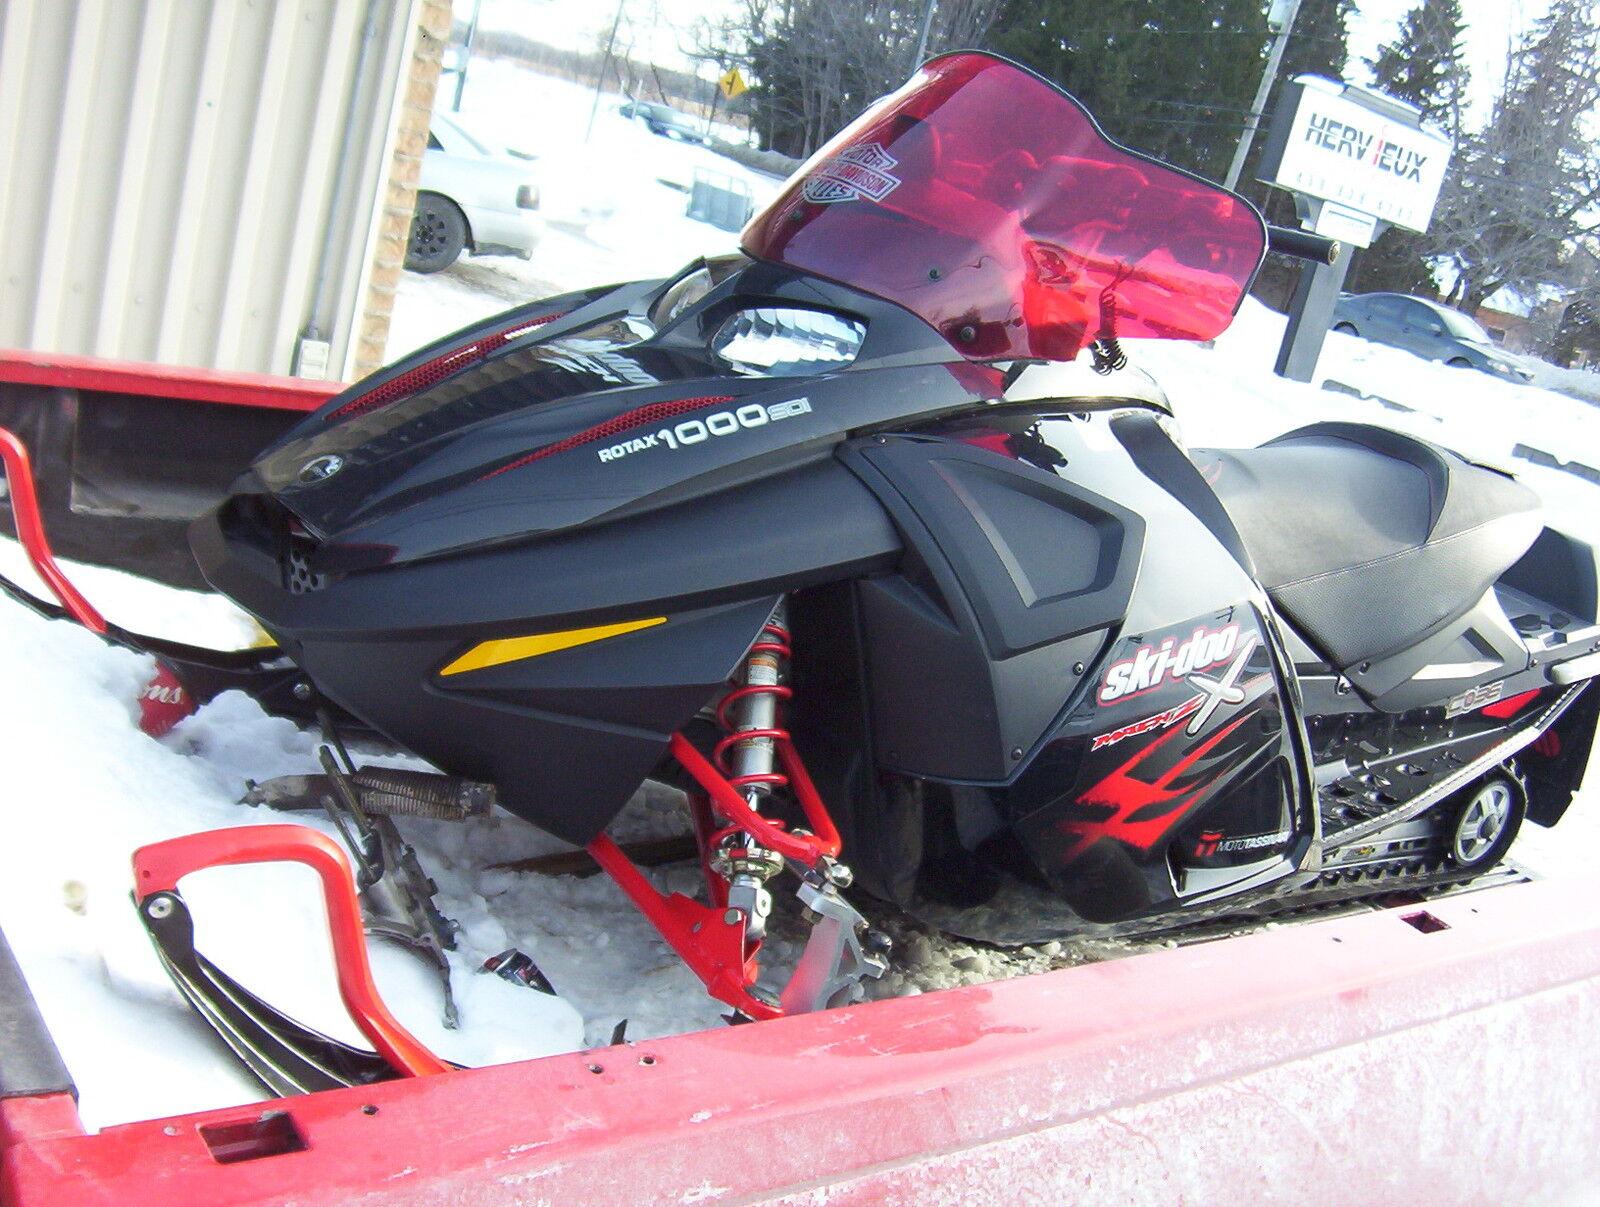 2006 Ski Doo Mx Z 1000 Renegade X | Go4CarZ.com